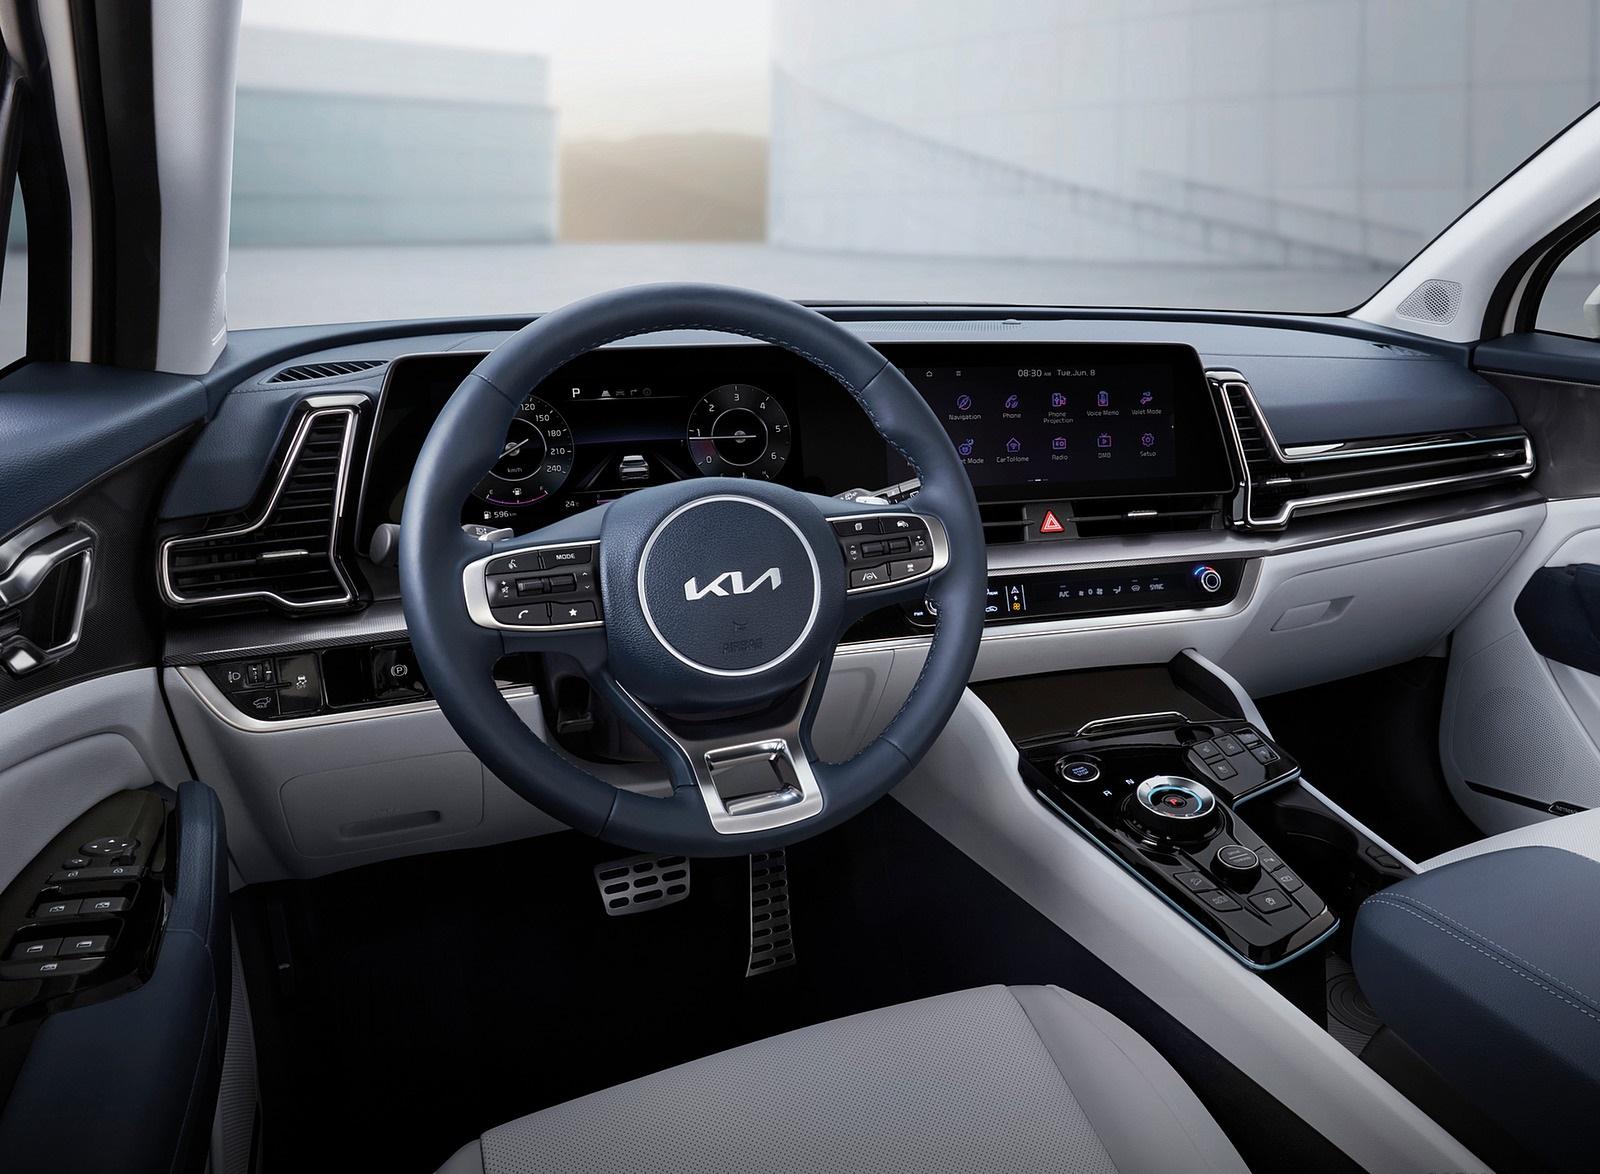 2023 Kia Sportage Interior Cockpit Wallpapers  (7)